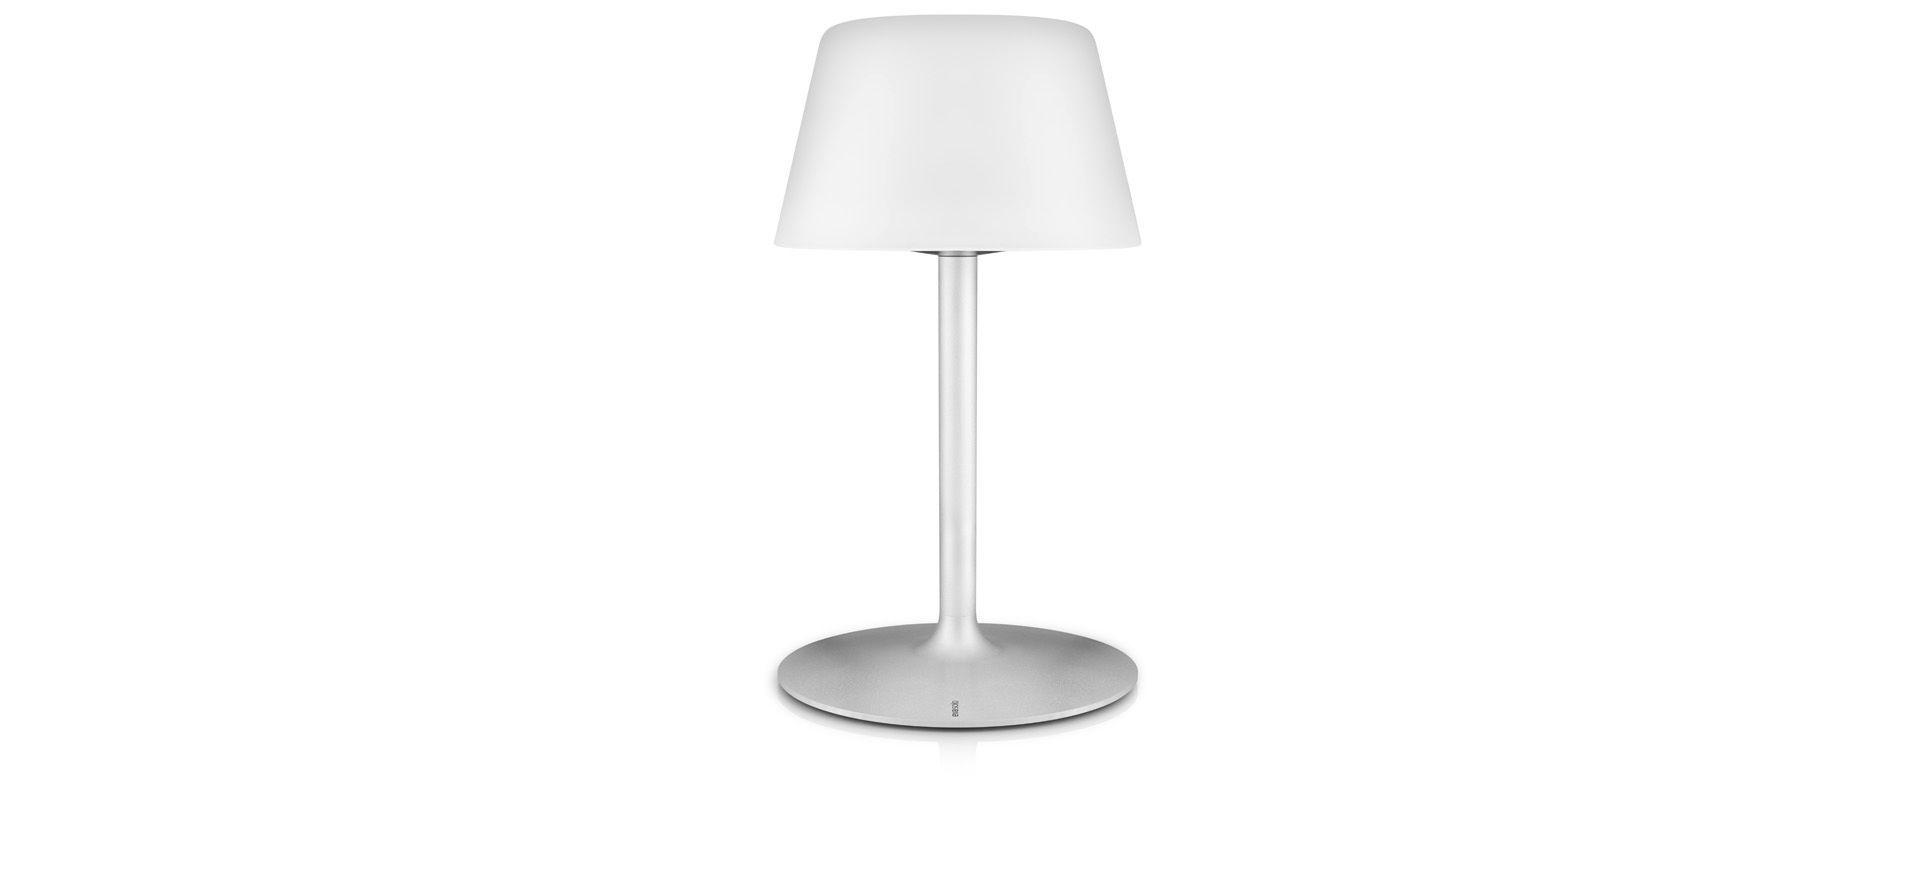 Настольные лампы — купить в Москве в интернет-магазине